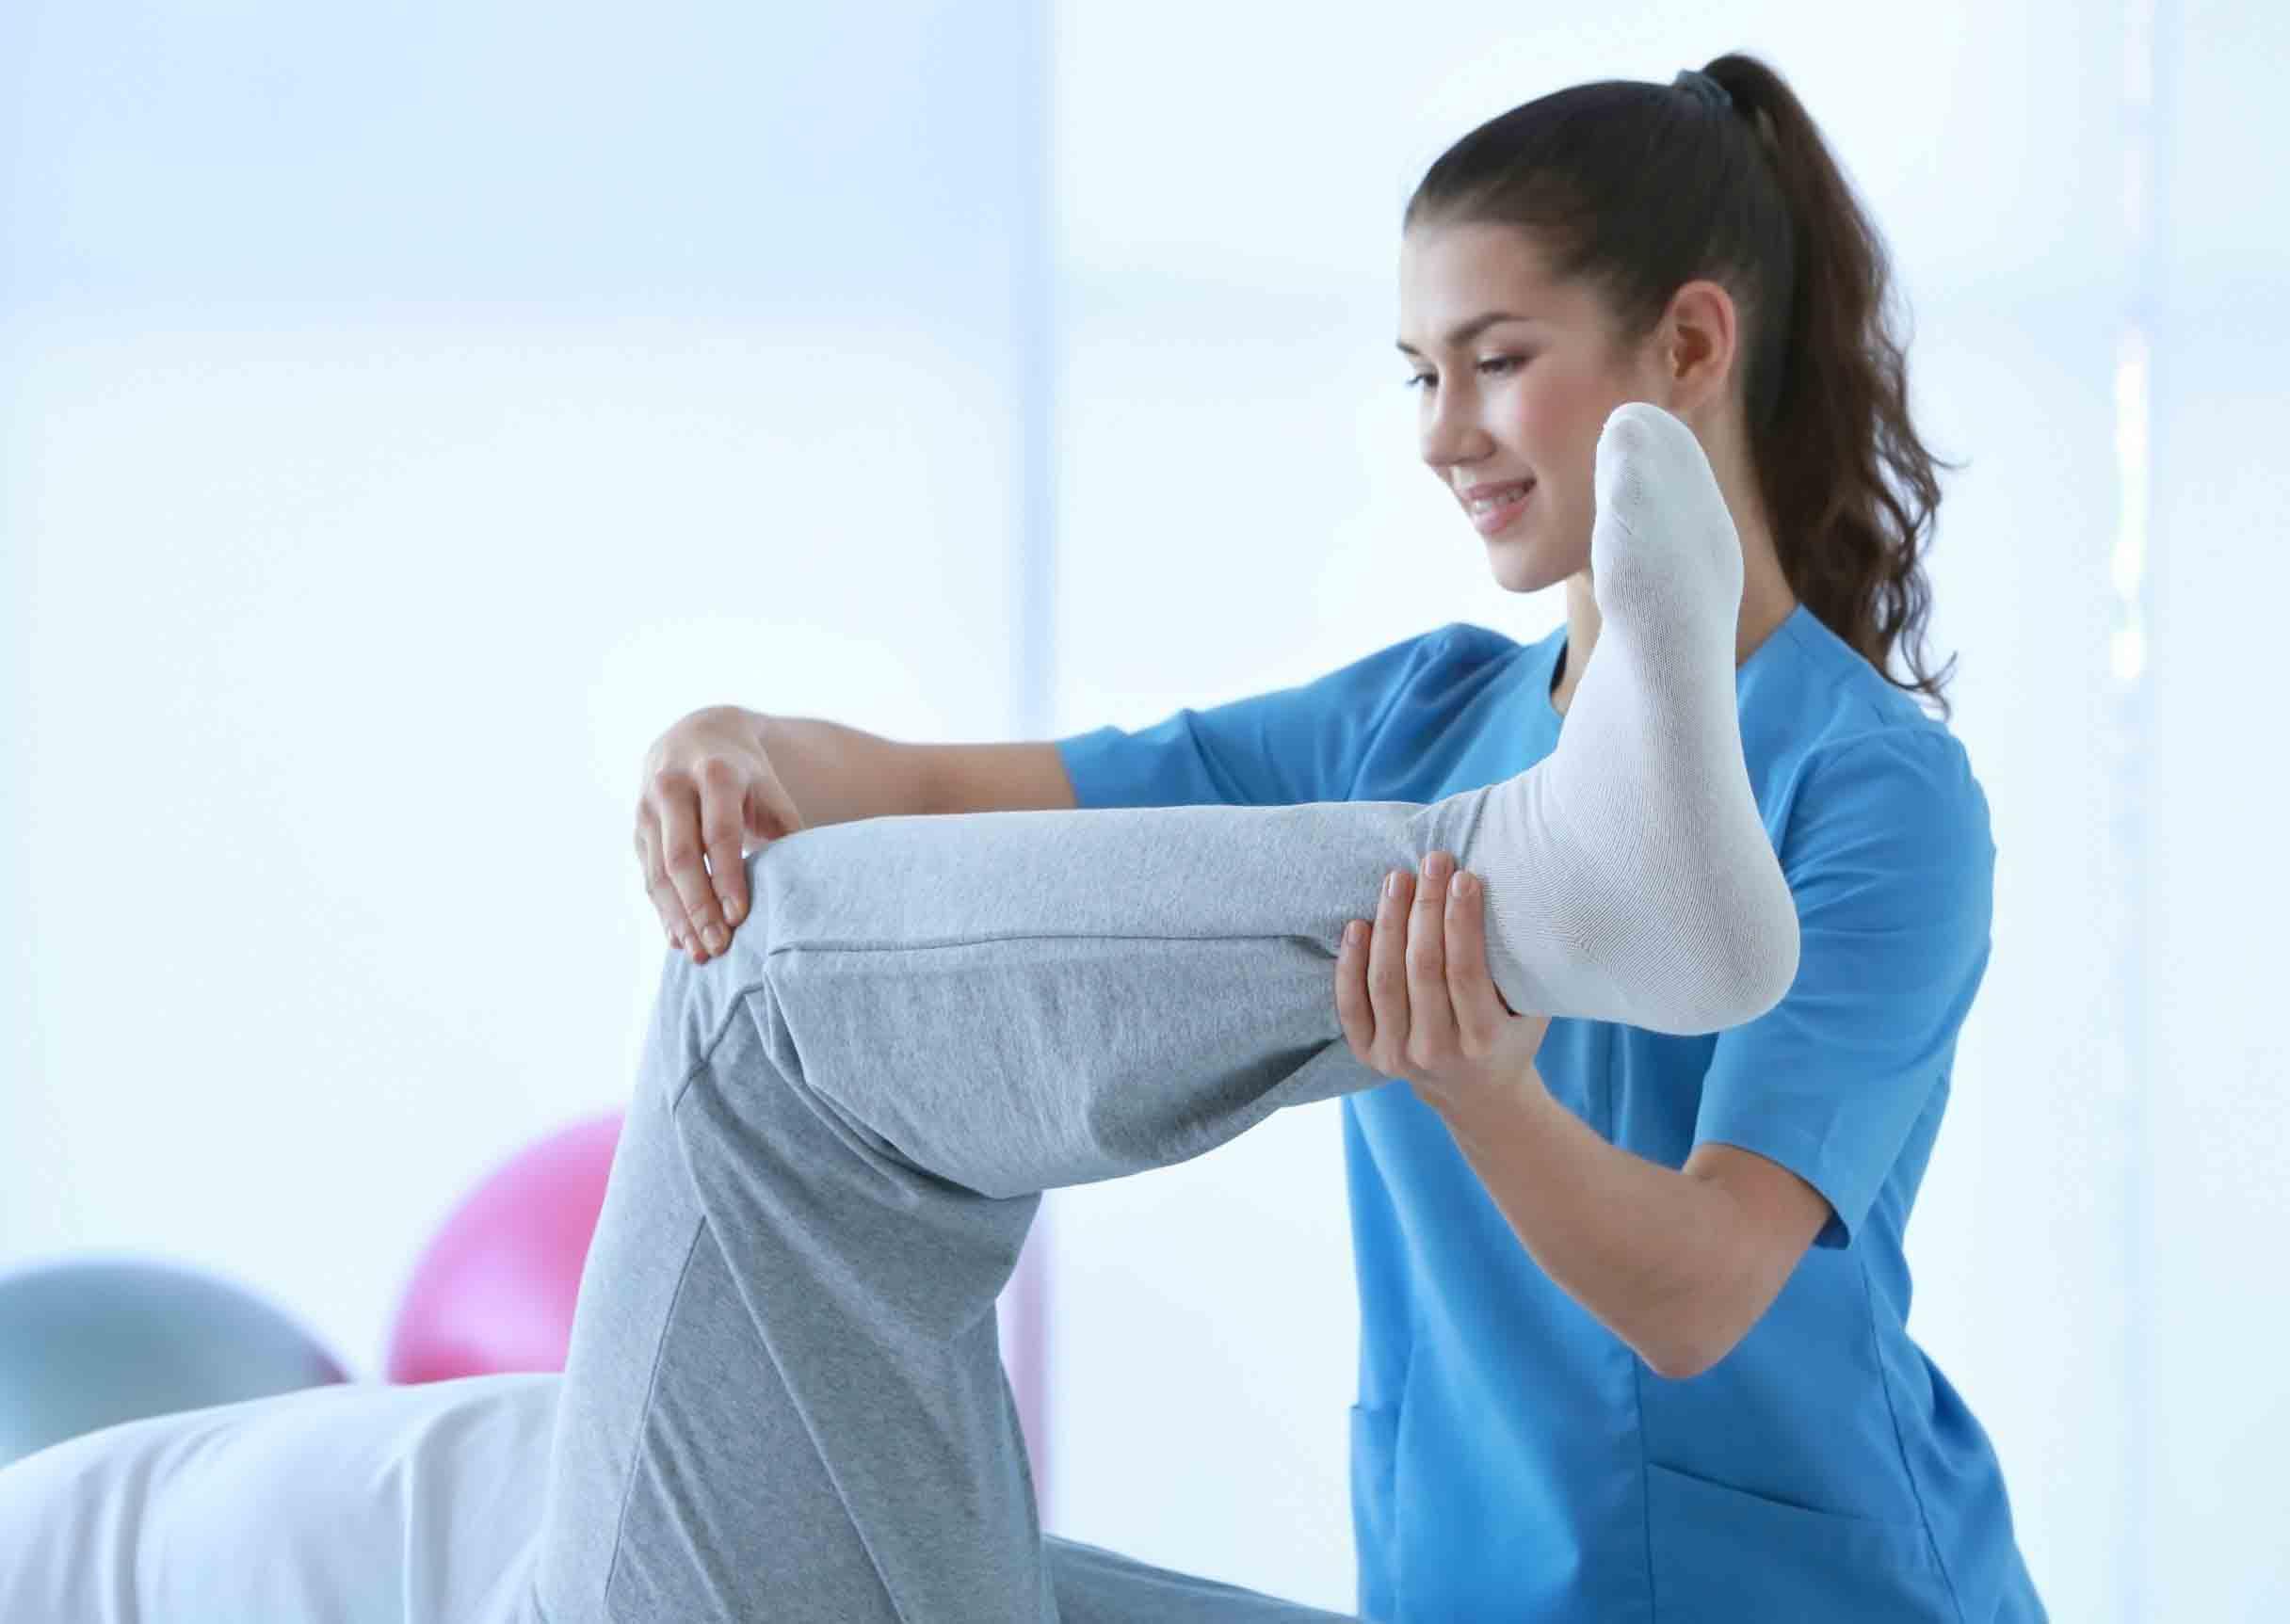 Kinésithérapeute soigne une tendinite au genou